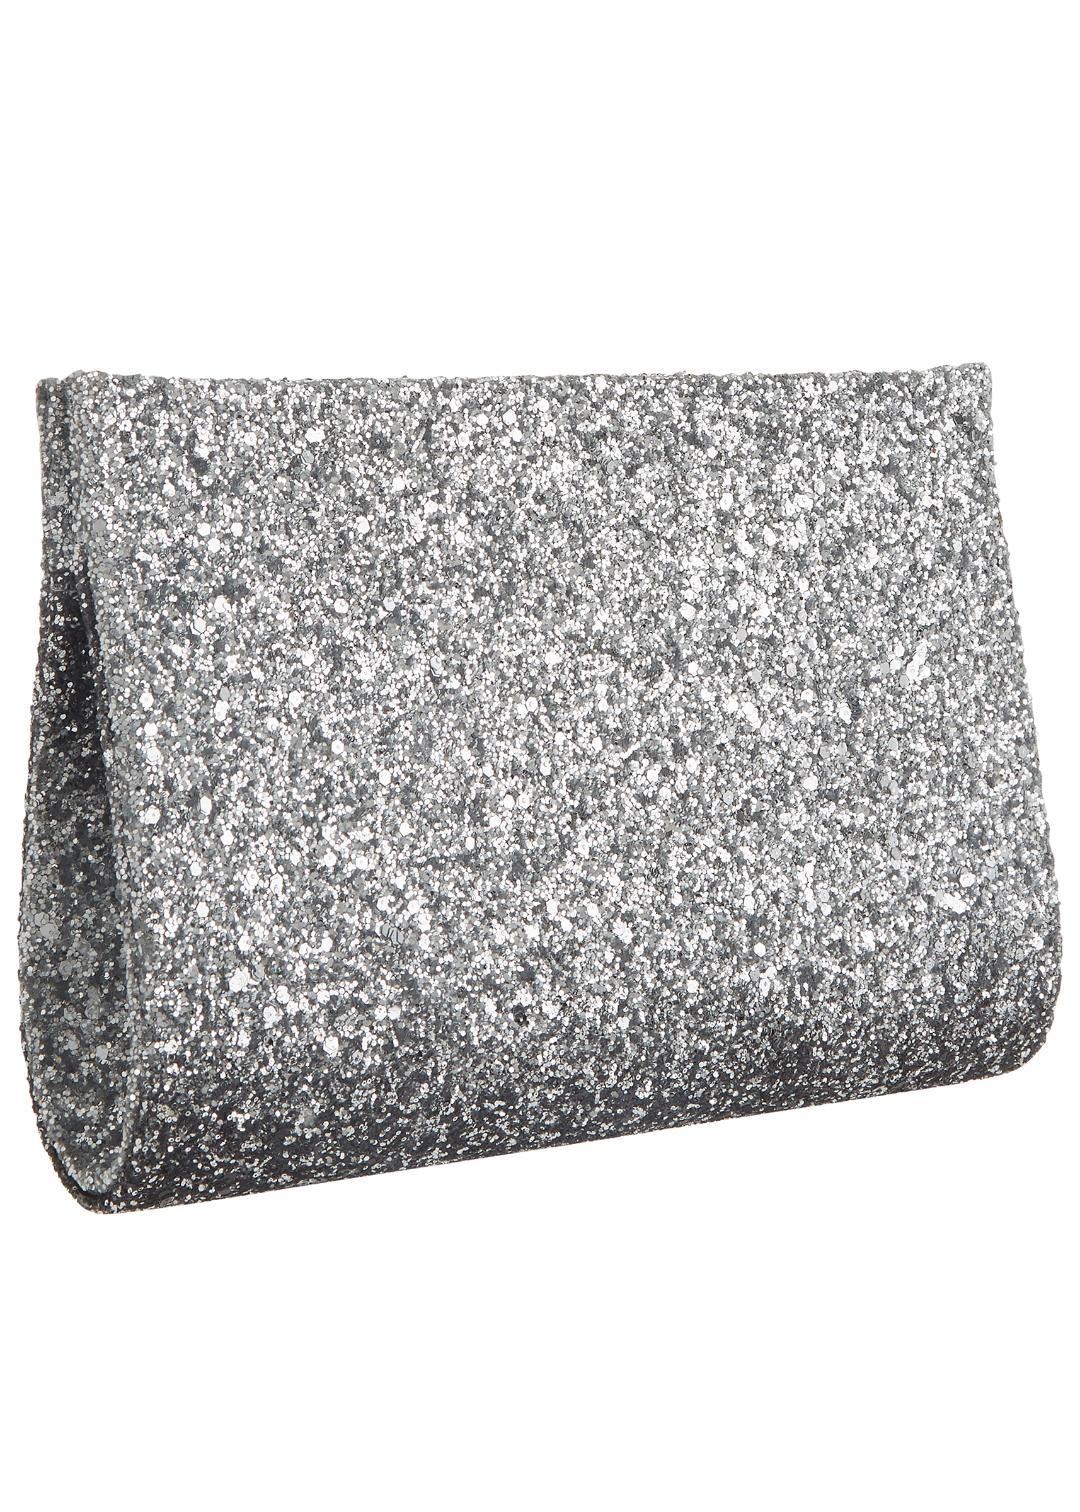 Mascara Silver  Ombre Clutch Bag 1